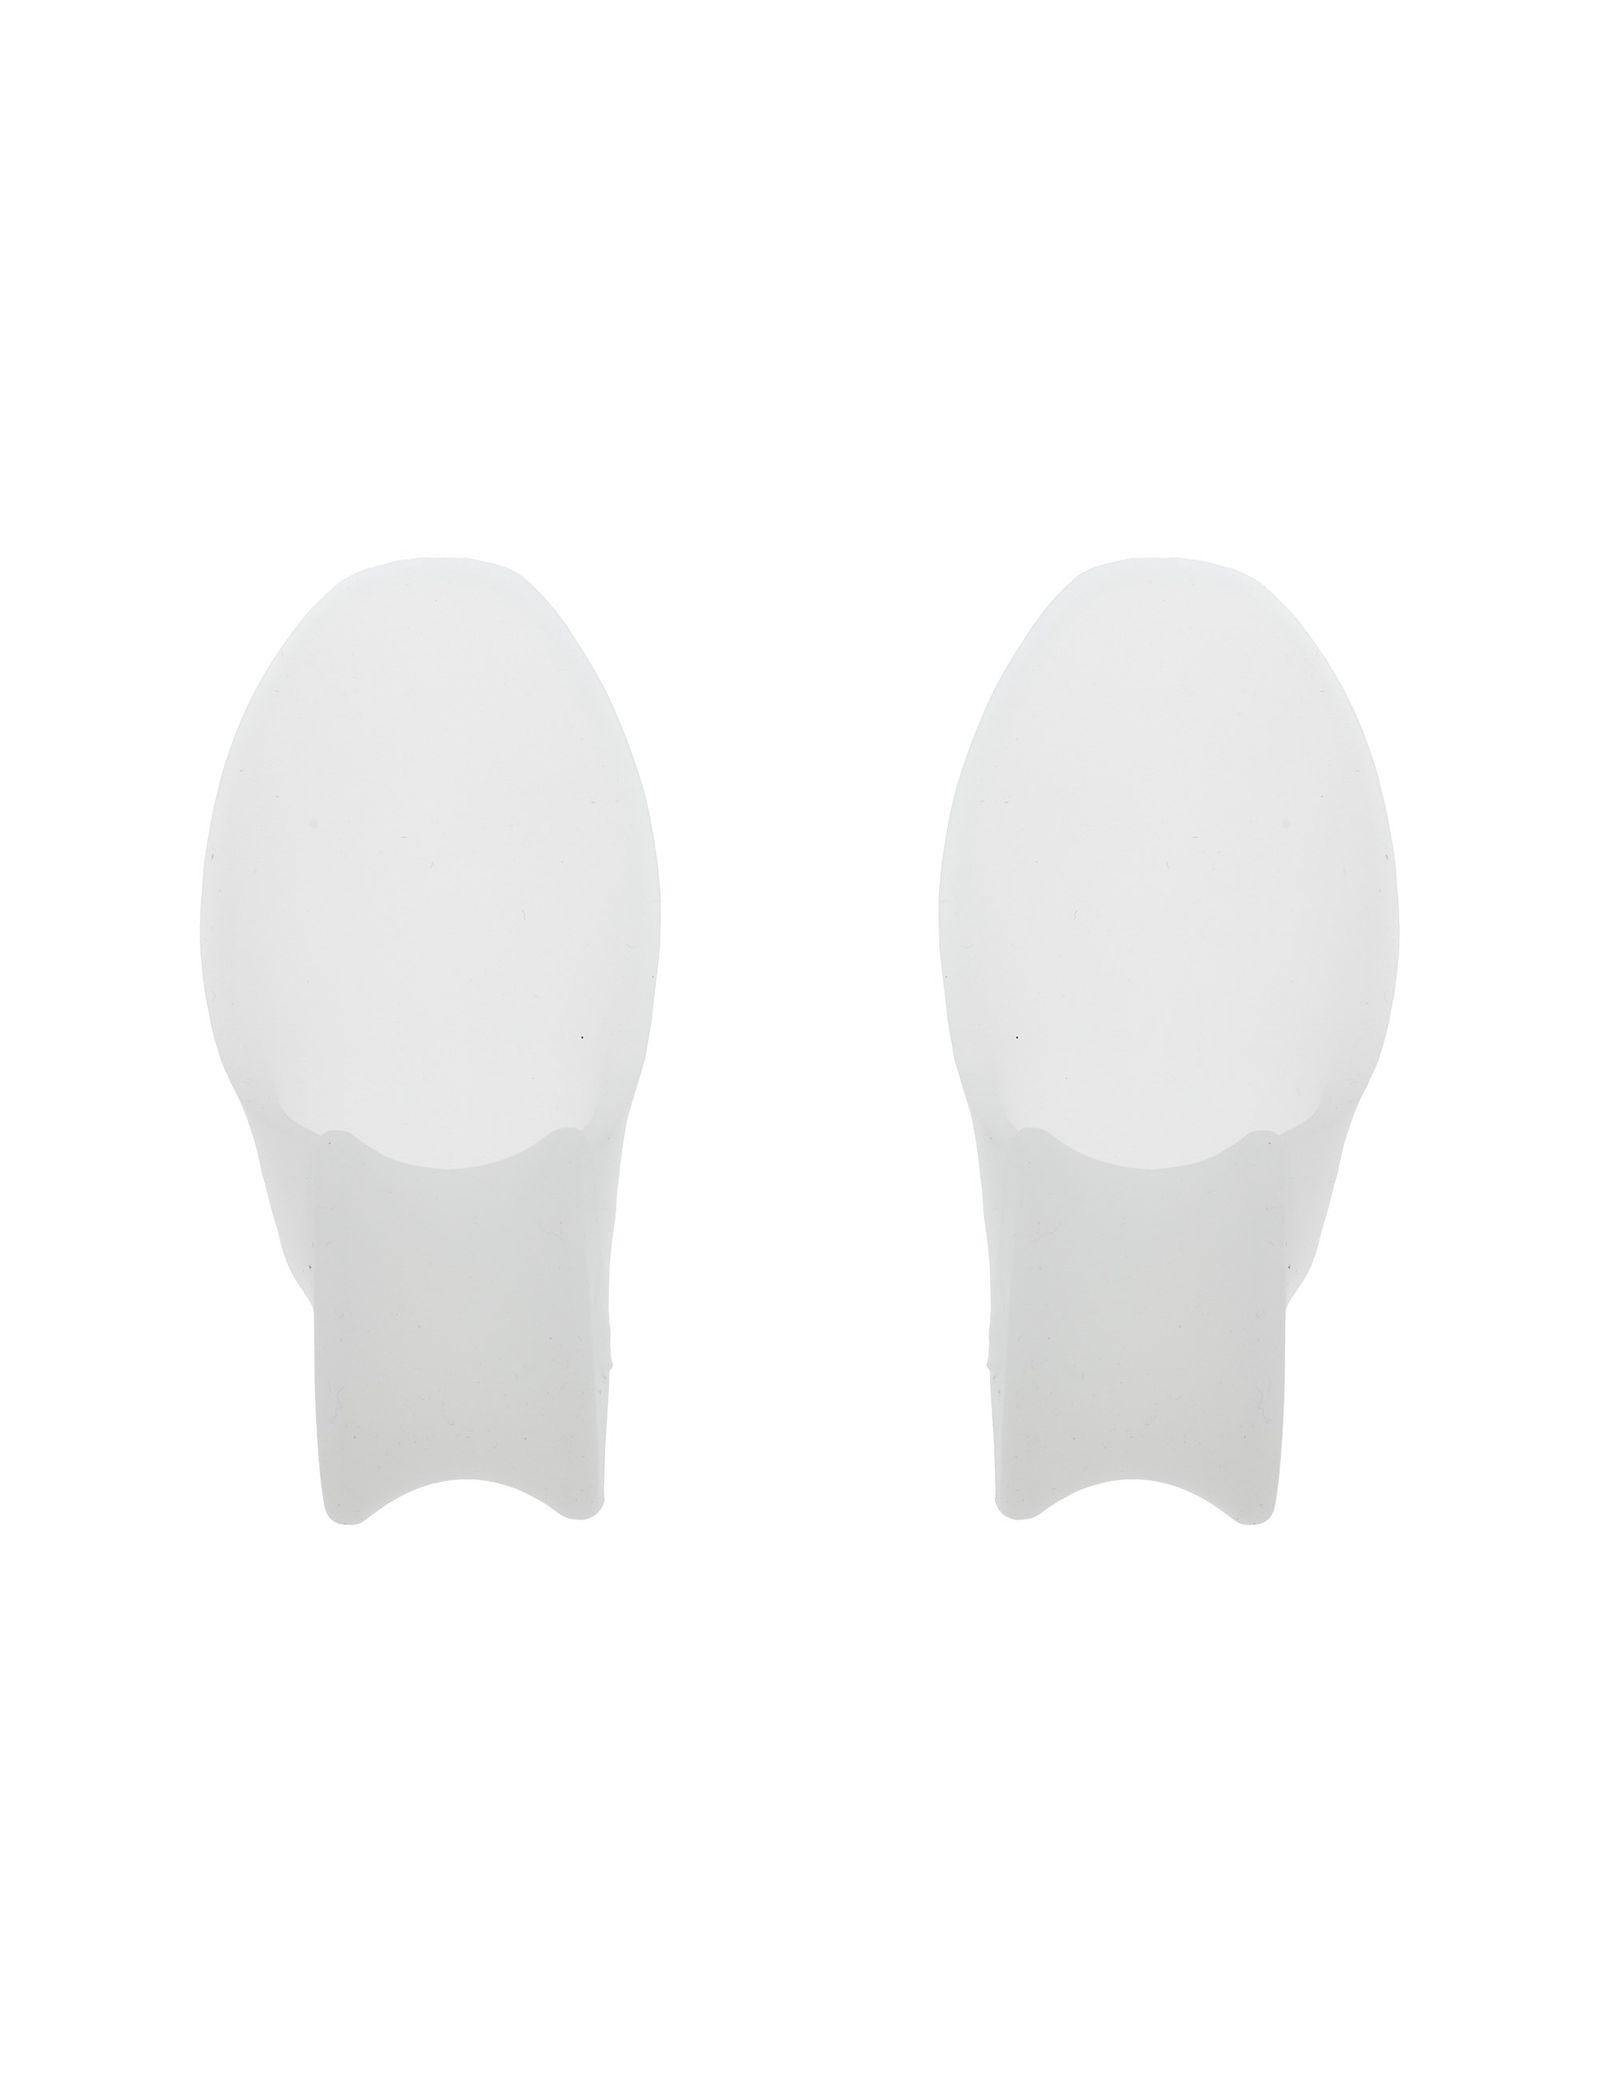 پد محافظ انگشت - دنیلی - سفيد - 1